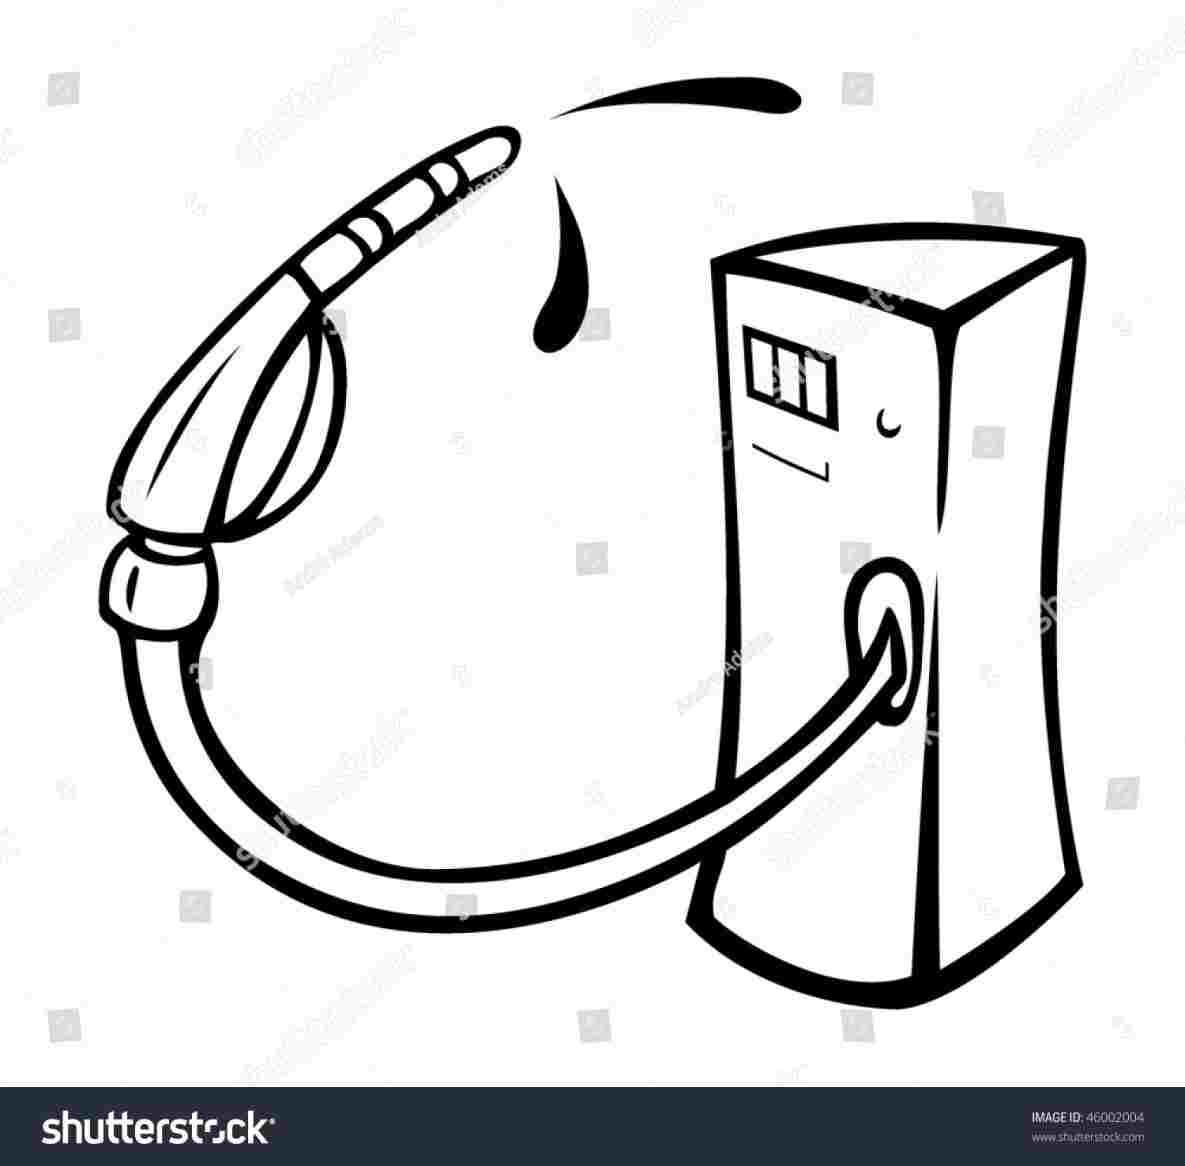 1185x1166 Oline Fuel Dispenser Car Royaltyfree Clip Art Rh